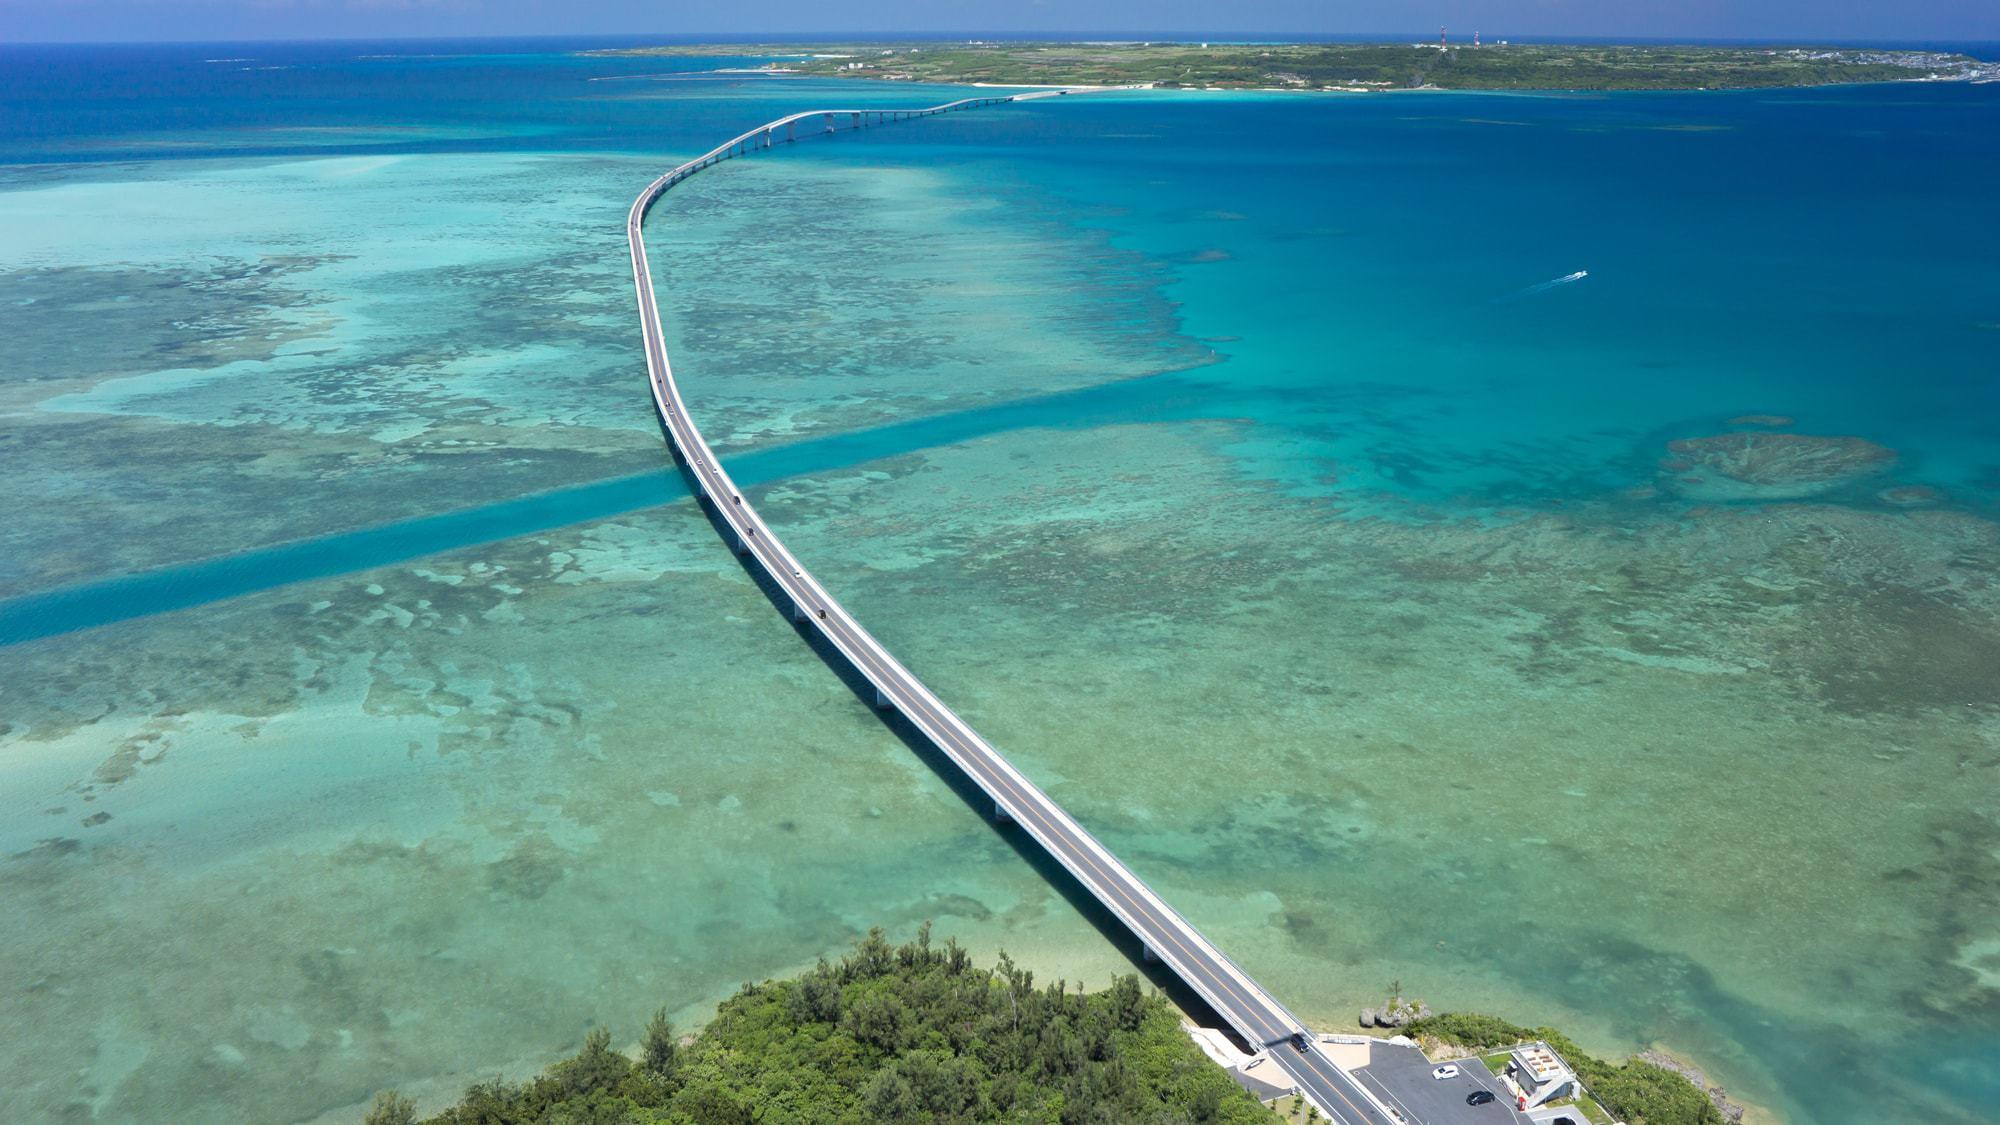 【伊良部大橋】車で6分、宮古島と伊良部島を往復できます。橋から見渡せる海は絶景です。